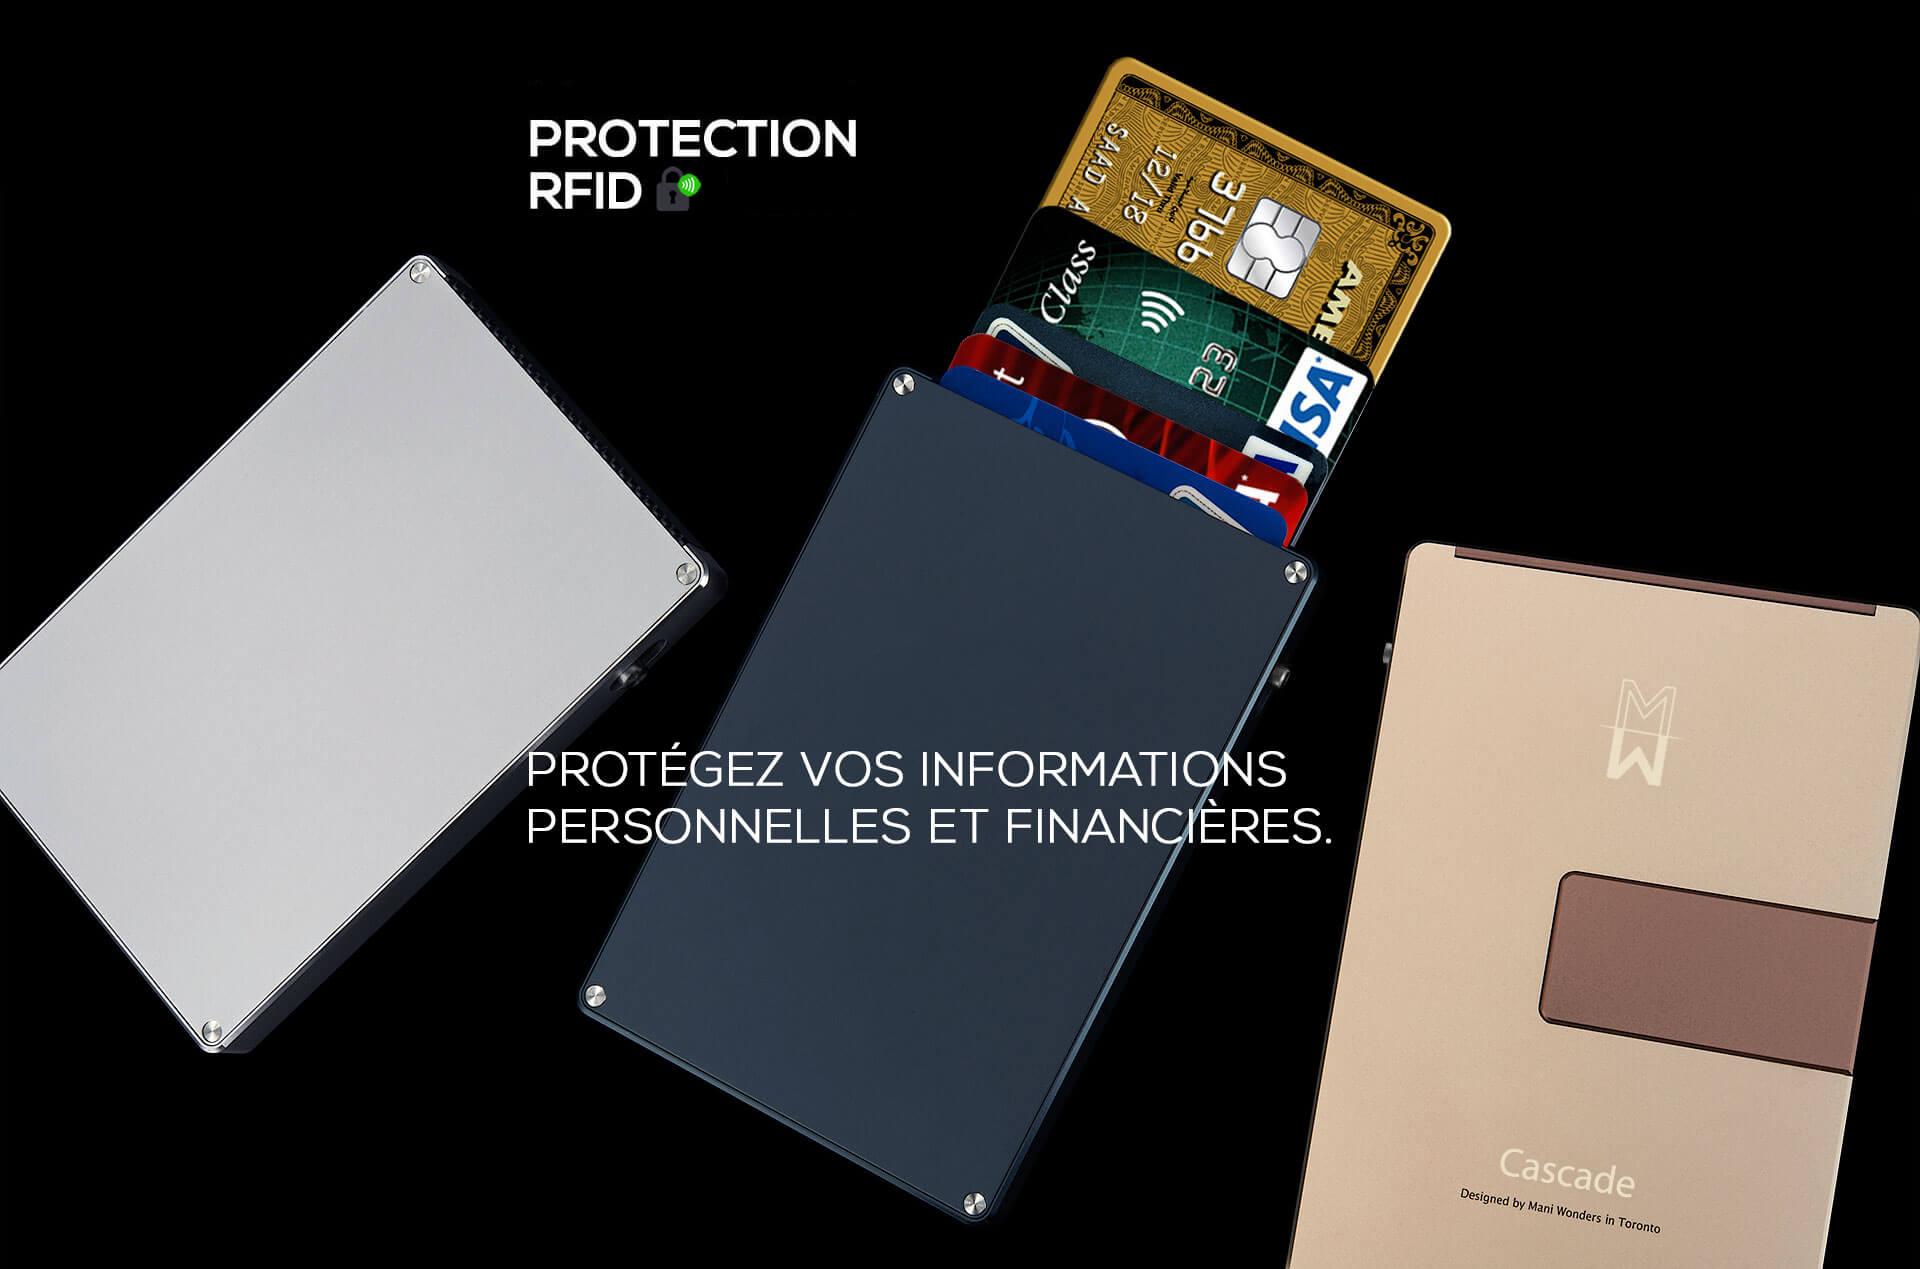 Protégez vos informations personnelles et financières.